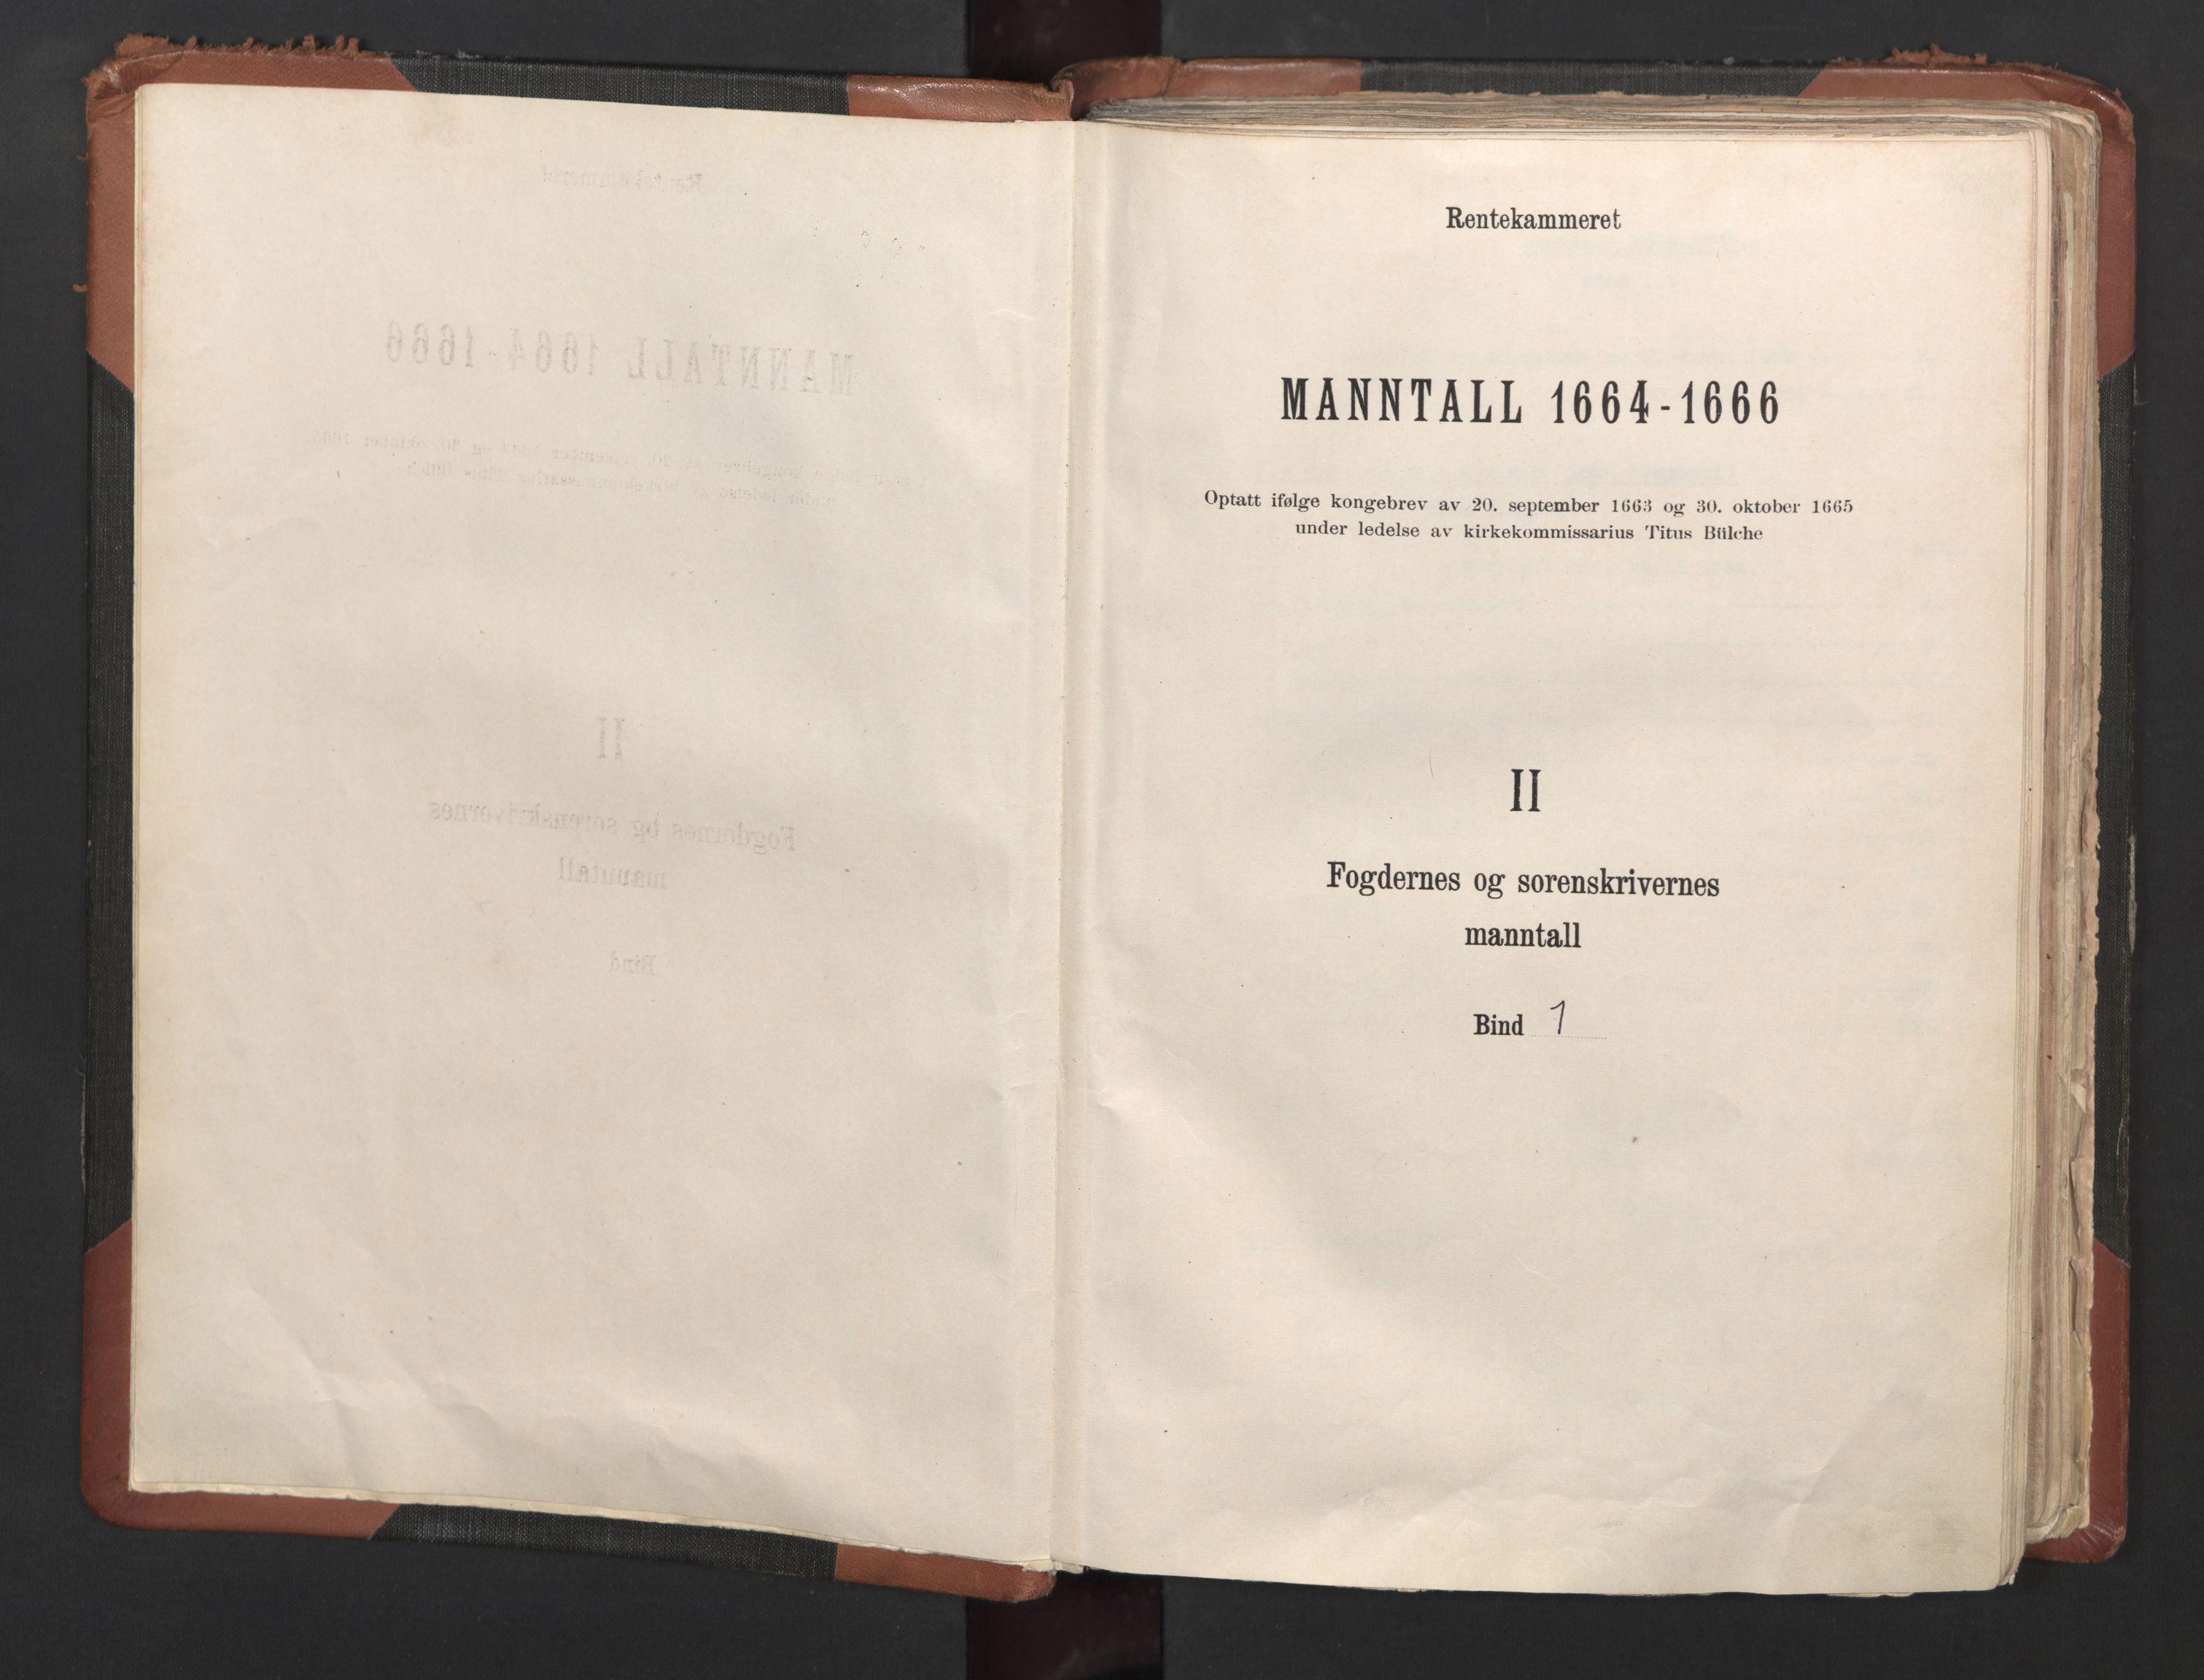 RA, Fogdenes og sorenskrivernes manntall 1664-1666, nr. 1: Fogderier (len og skipreider) i nåværende Østfold fylke, 1664, s. upaginert